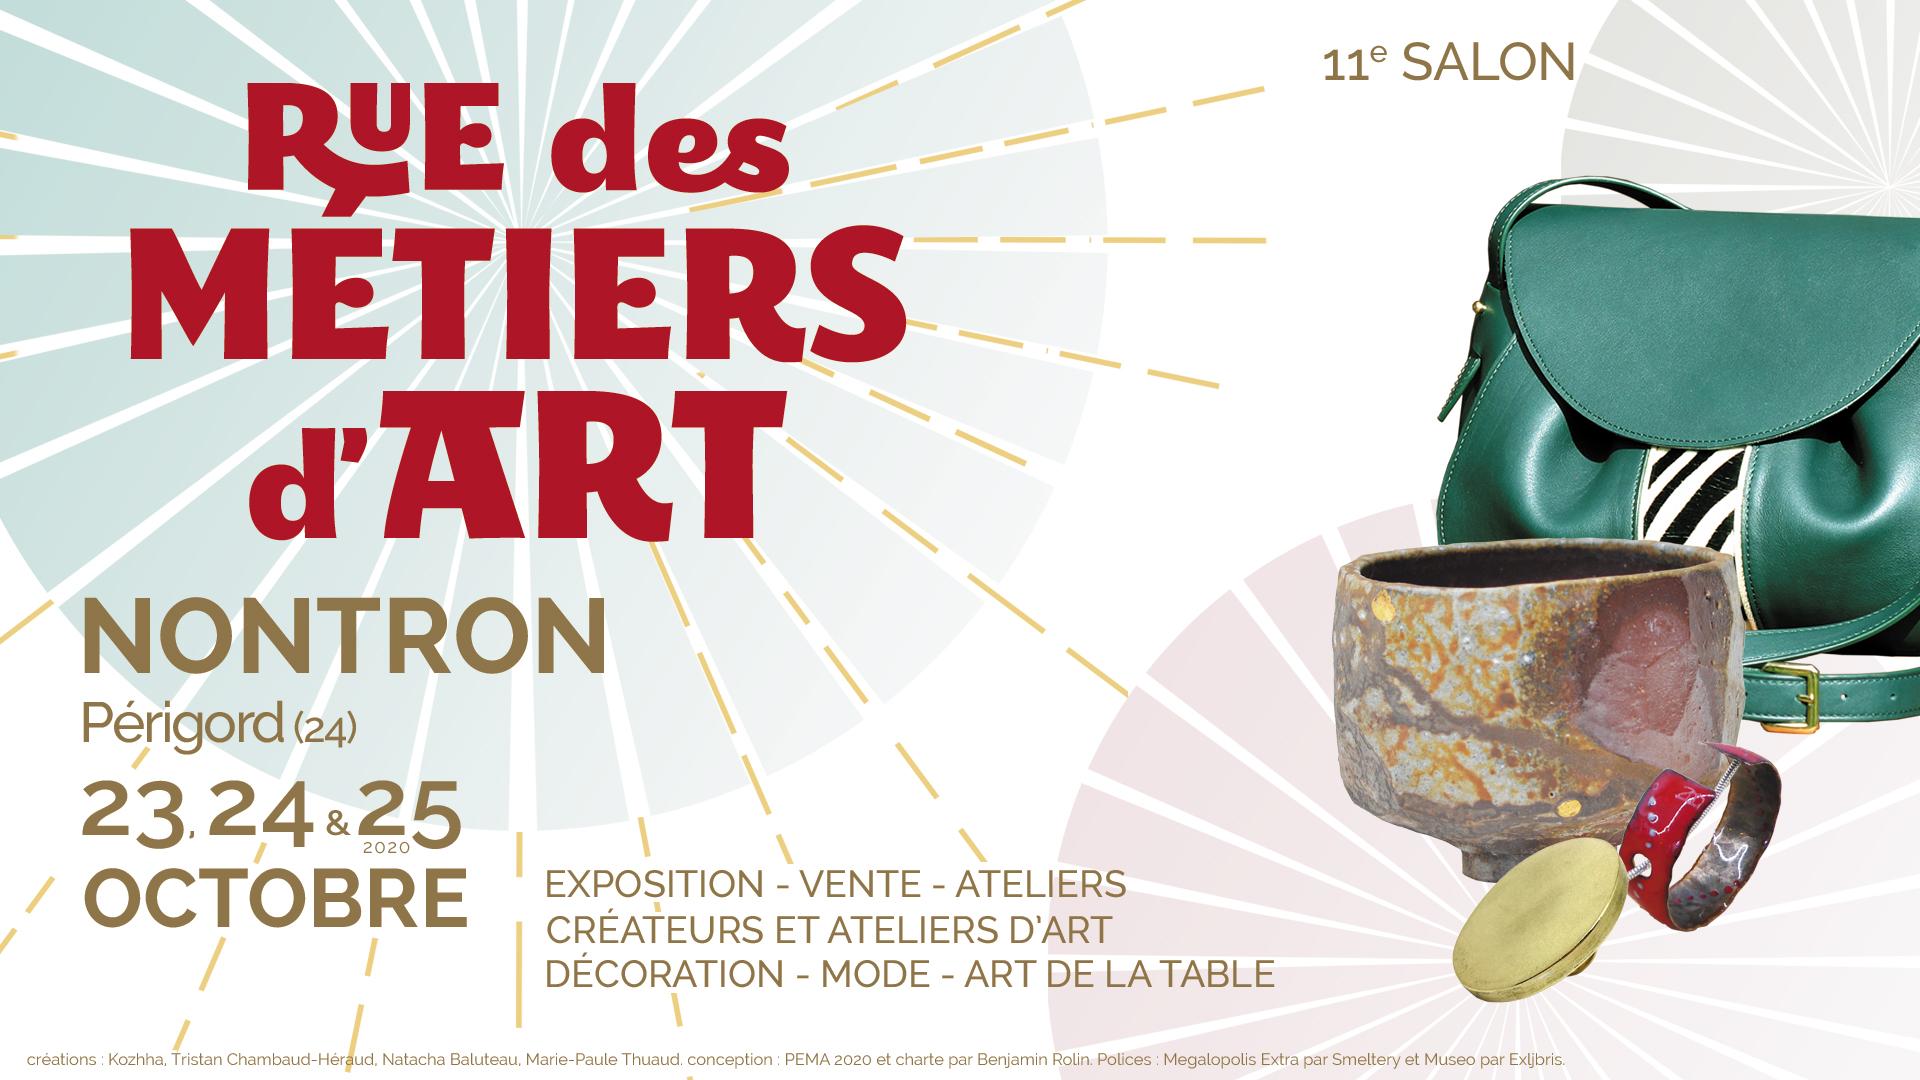 Salon Rue des Métiers d'Art à Nontron - 23, 24 et 25 octobre 2020